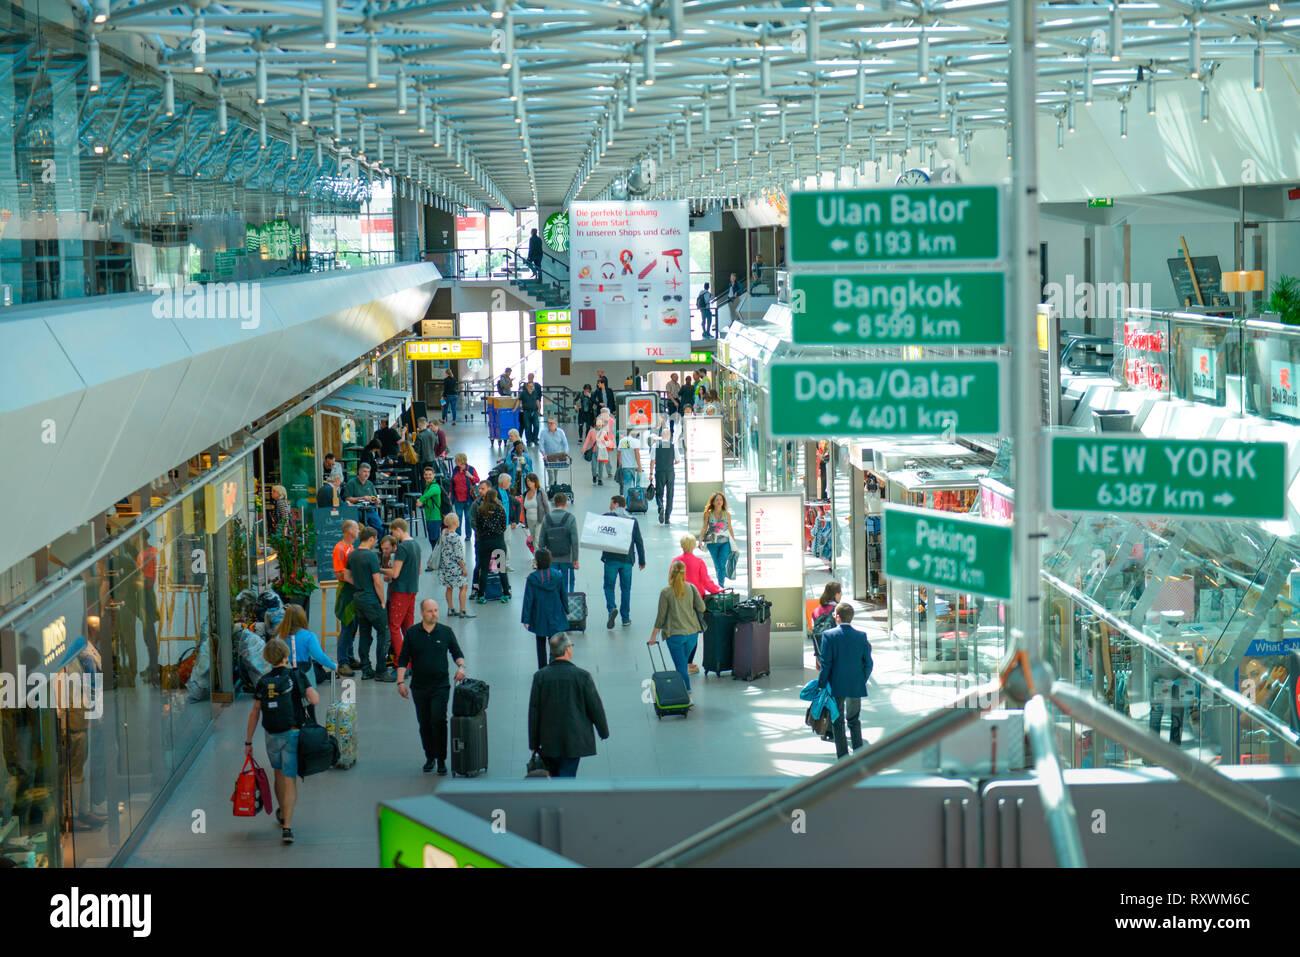 Terminal A, Flughafen Tegel, Reinickendorf, Berlin, Deutschland - Stock Image